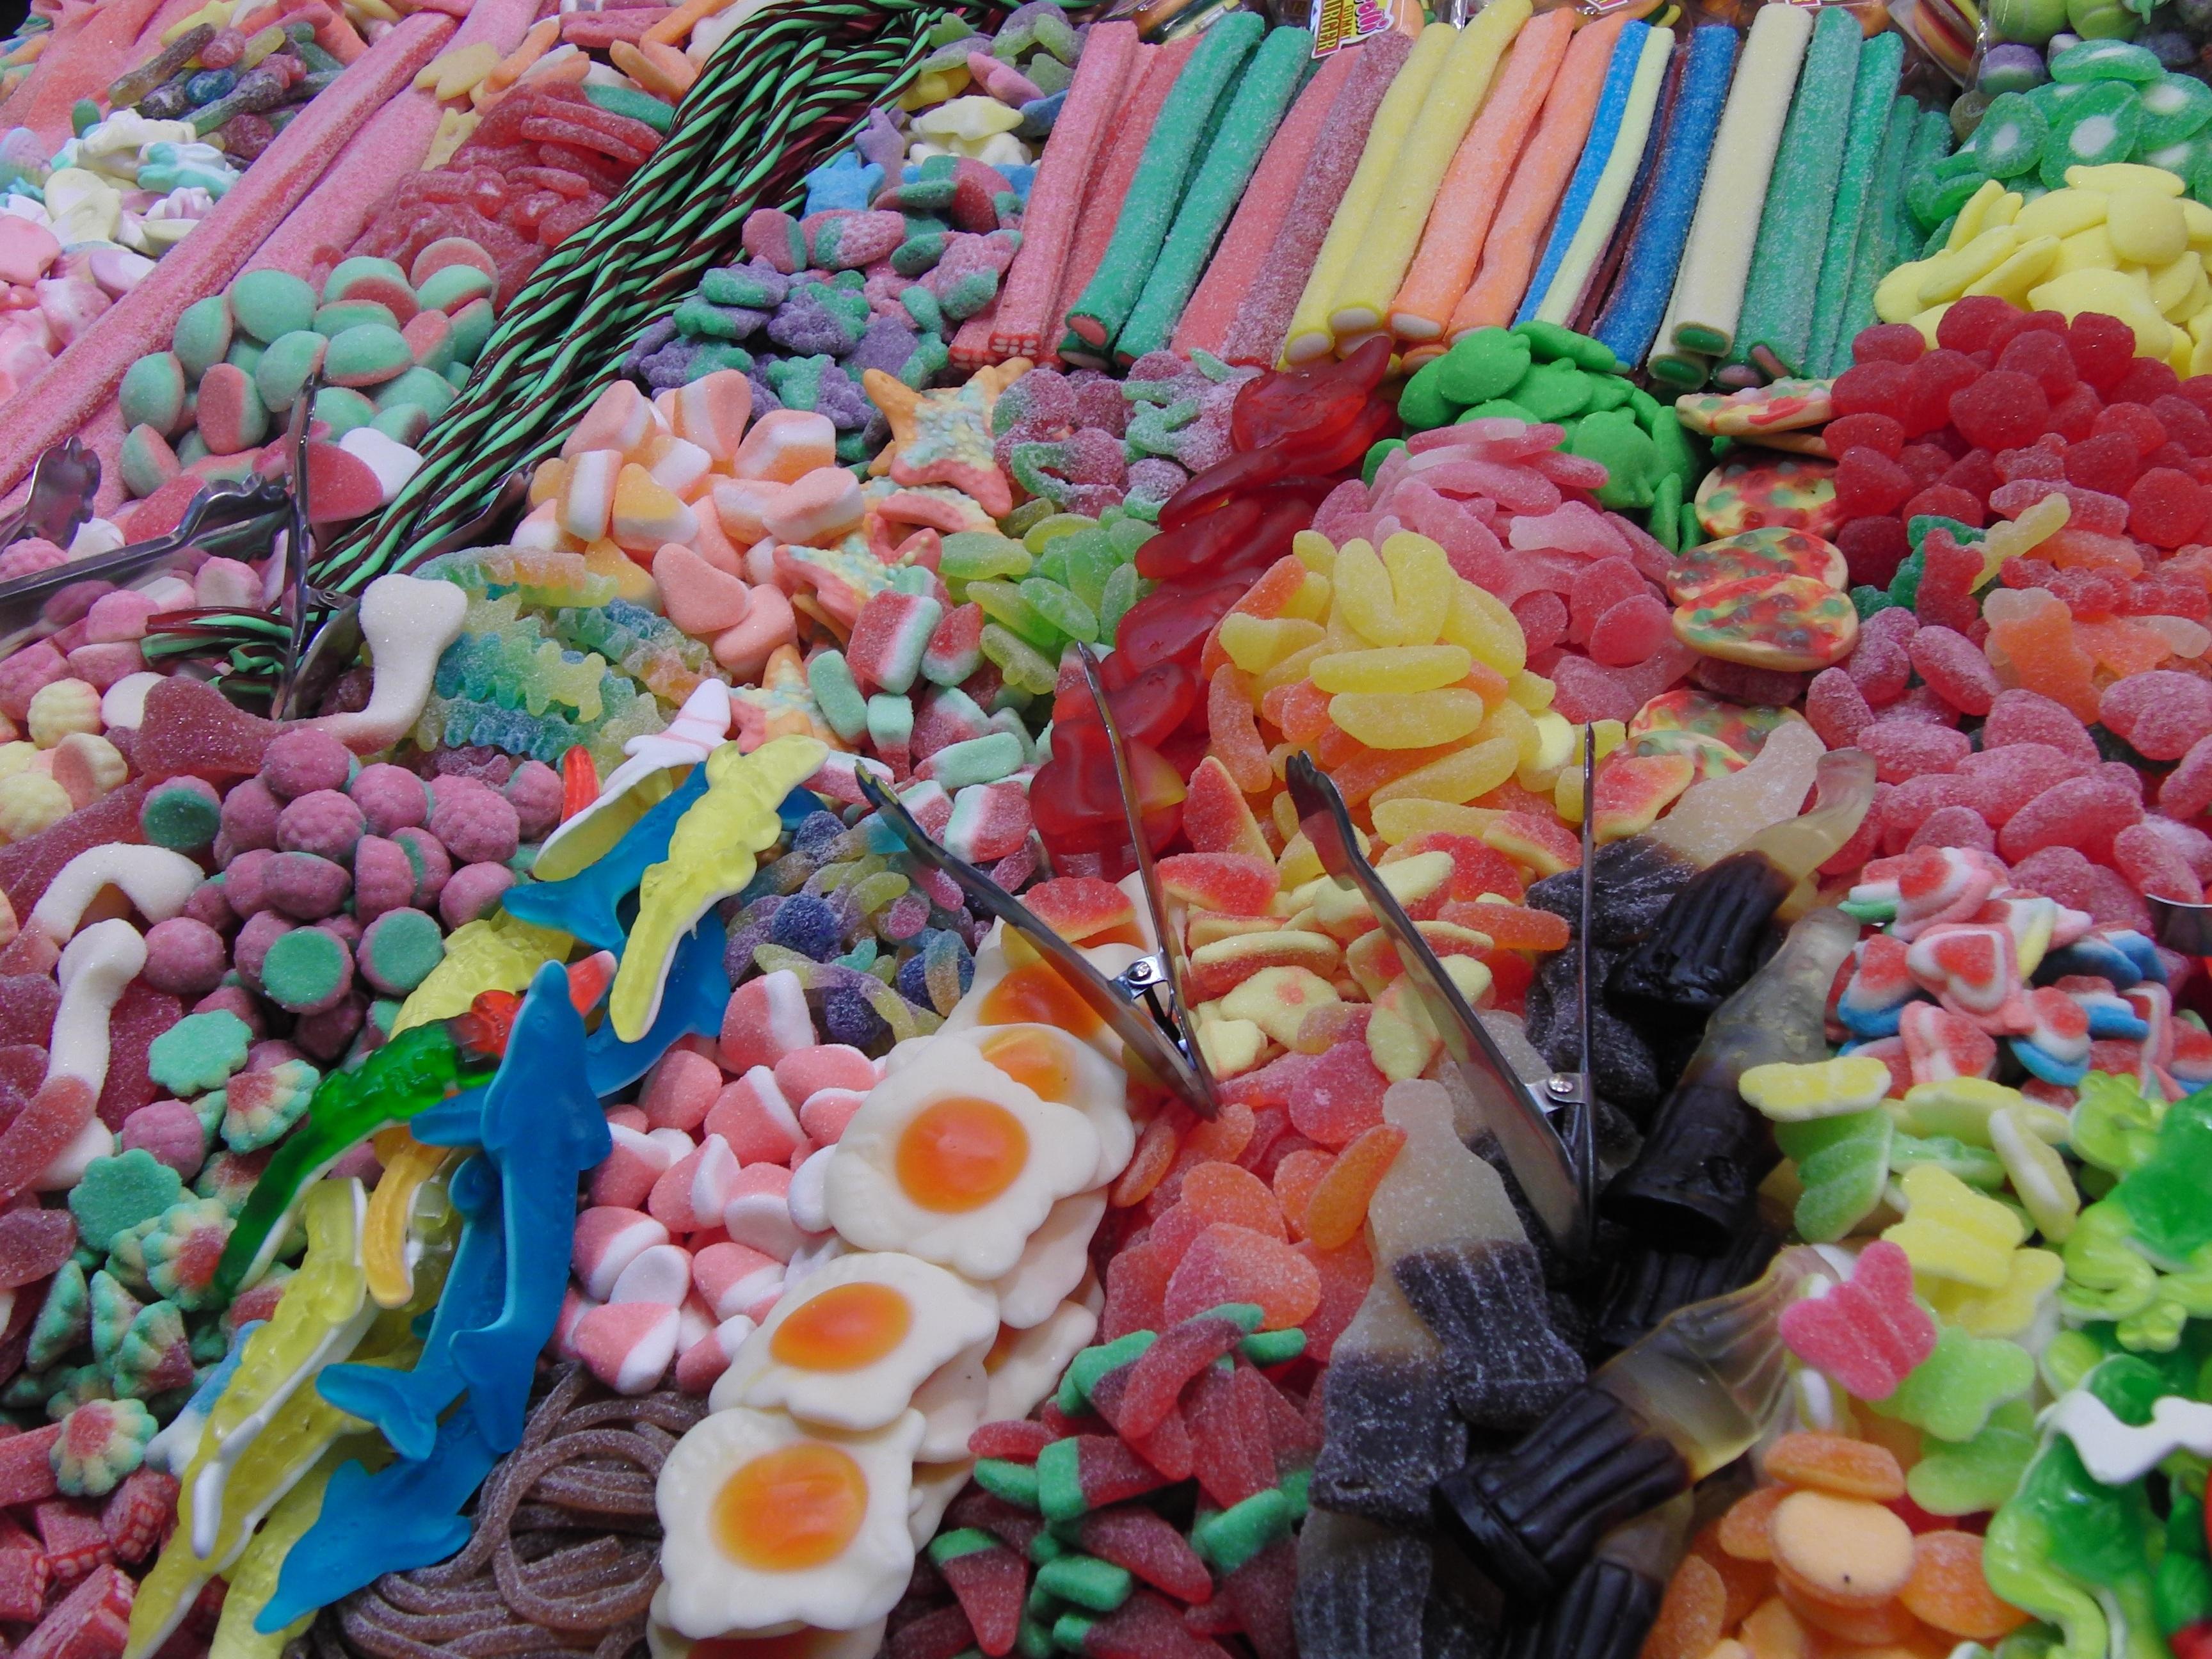 Free Images : sweet, flower, dish, food, color, market, dessert ...